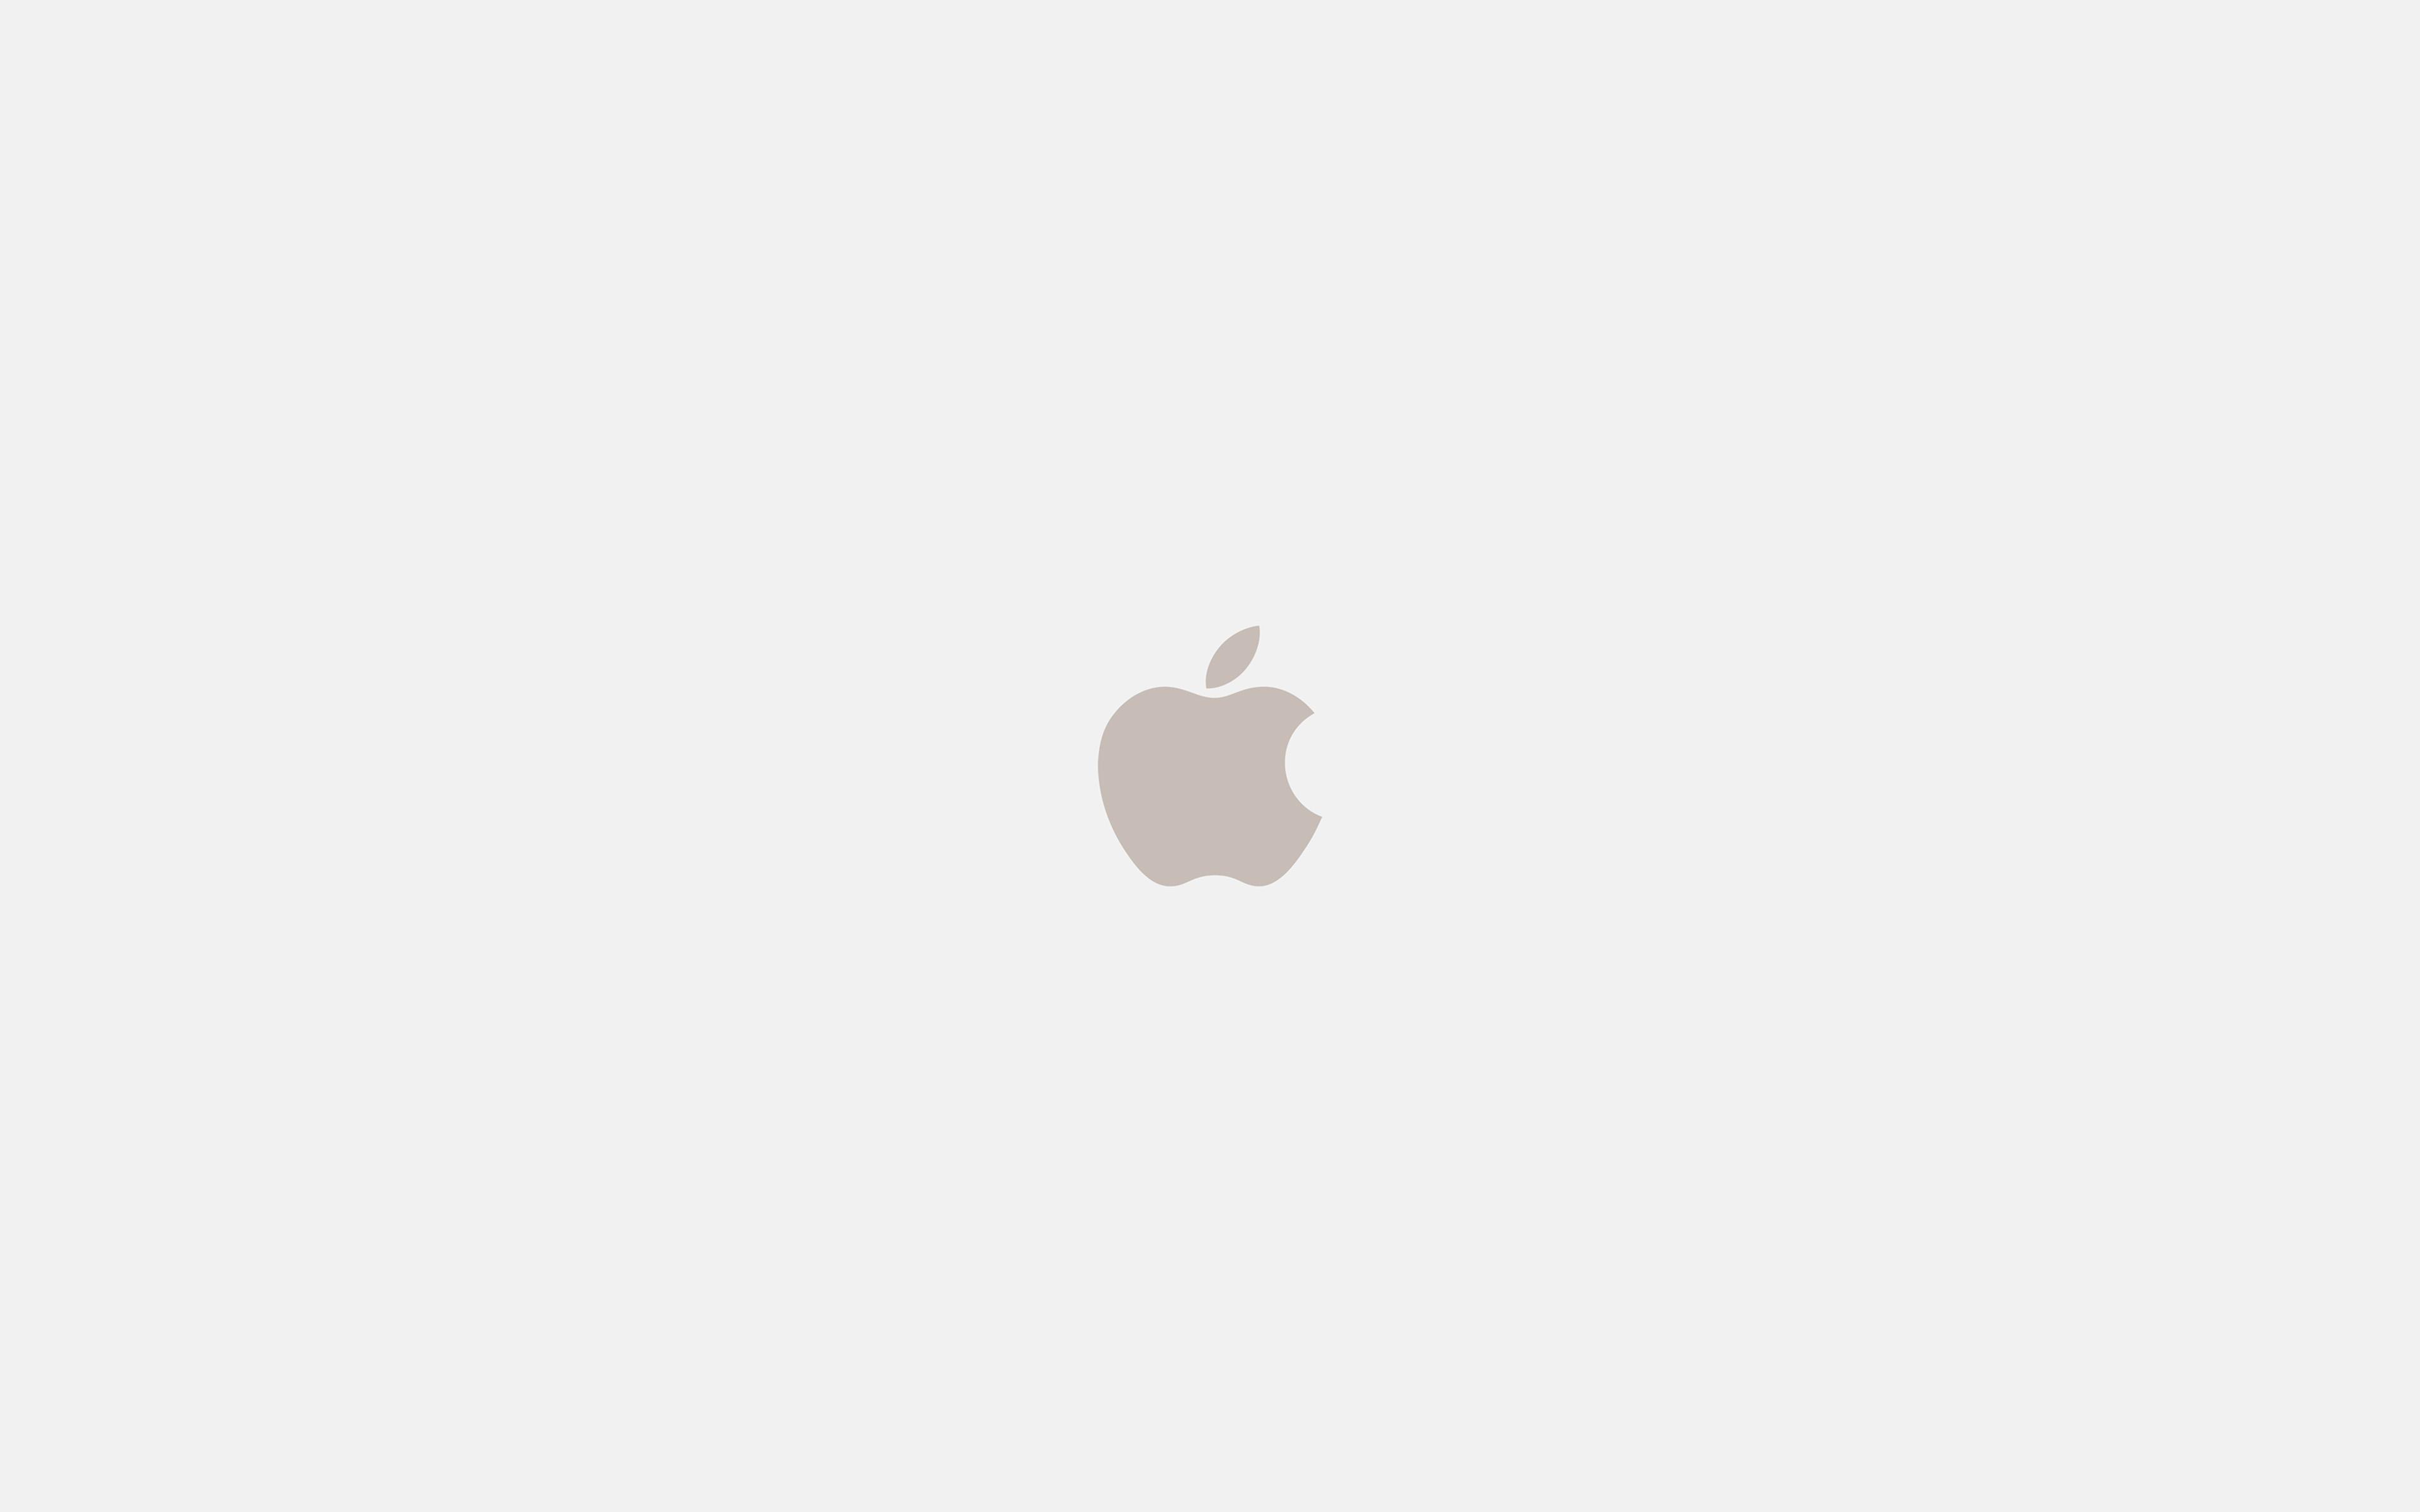 4k Fall Wallpaper For Phone As69 Iphone7 Apple Logo White Gold Art Illustration Wallpaper